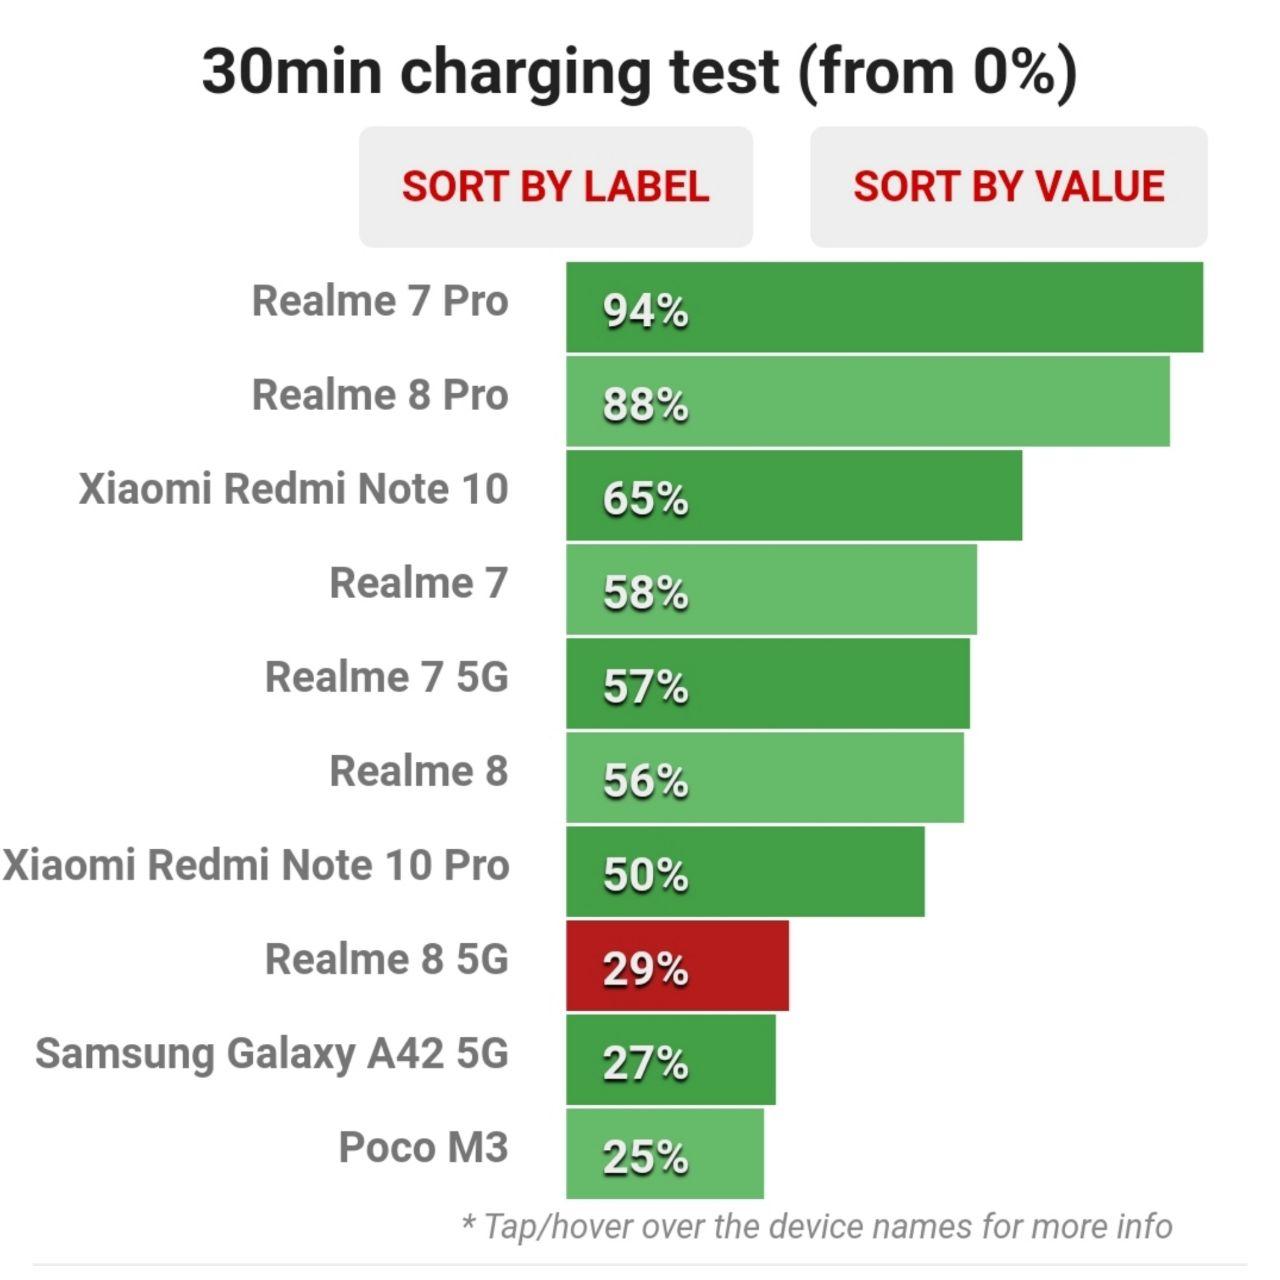 میزان ظرفیت شارژ شده باتری ریلمی ٨ نسخه ۵جی در نیم ساعت اولیه اتصال به شارژر